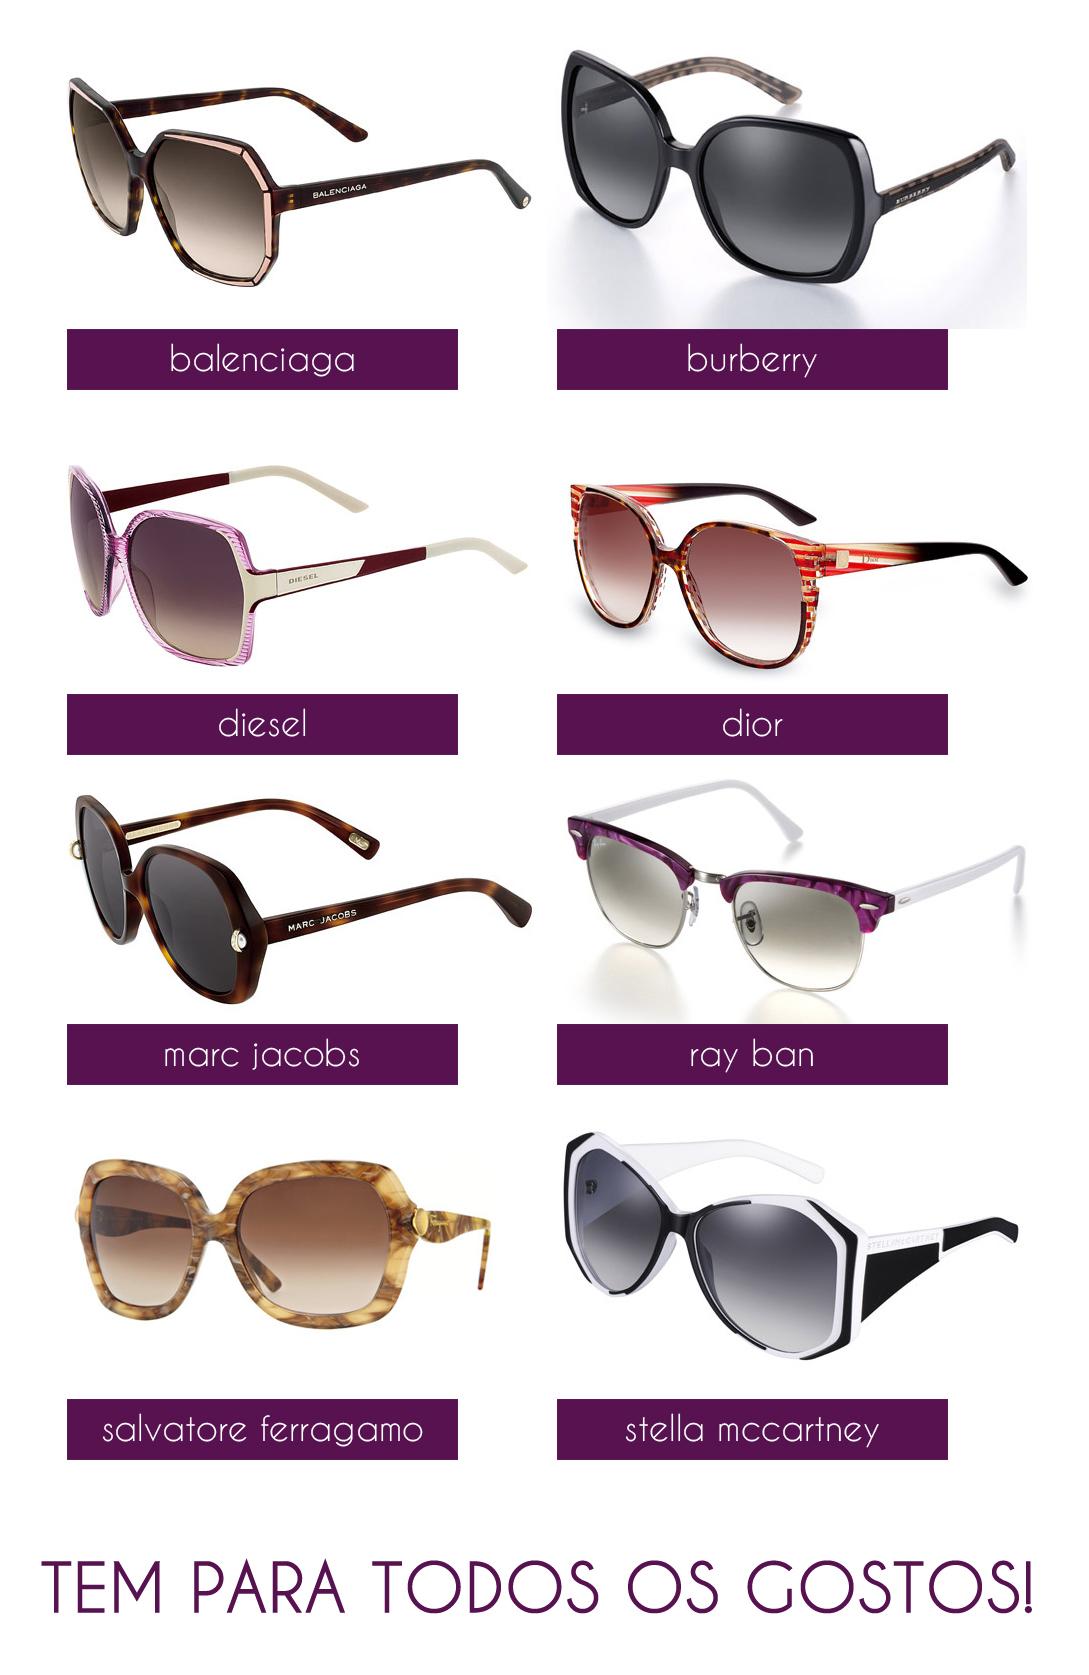 a861fad5a73f3 Quem usa óculos de grau pode escolher um modelo com a lente escura ou usar  lentes de contato! Porque o calorzão está chegando e ninguém merece ficar  com sol ...